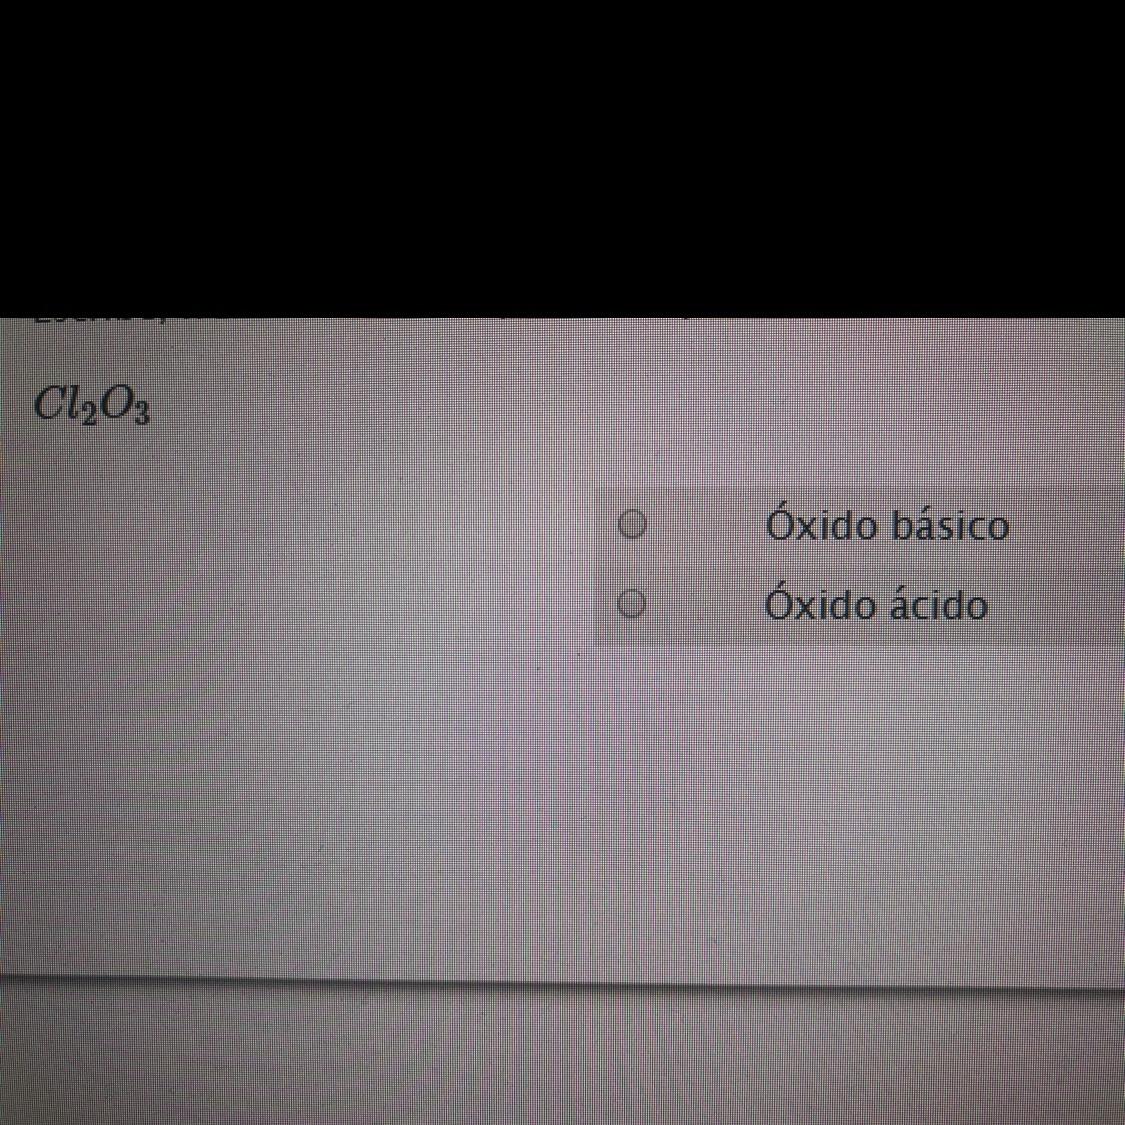 Quien Me Puede Ayudar Cl2o3 Es Un Oxido Basico O Oxido Acido